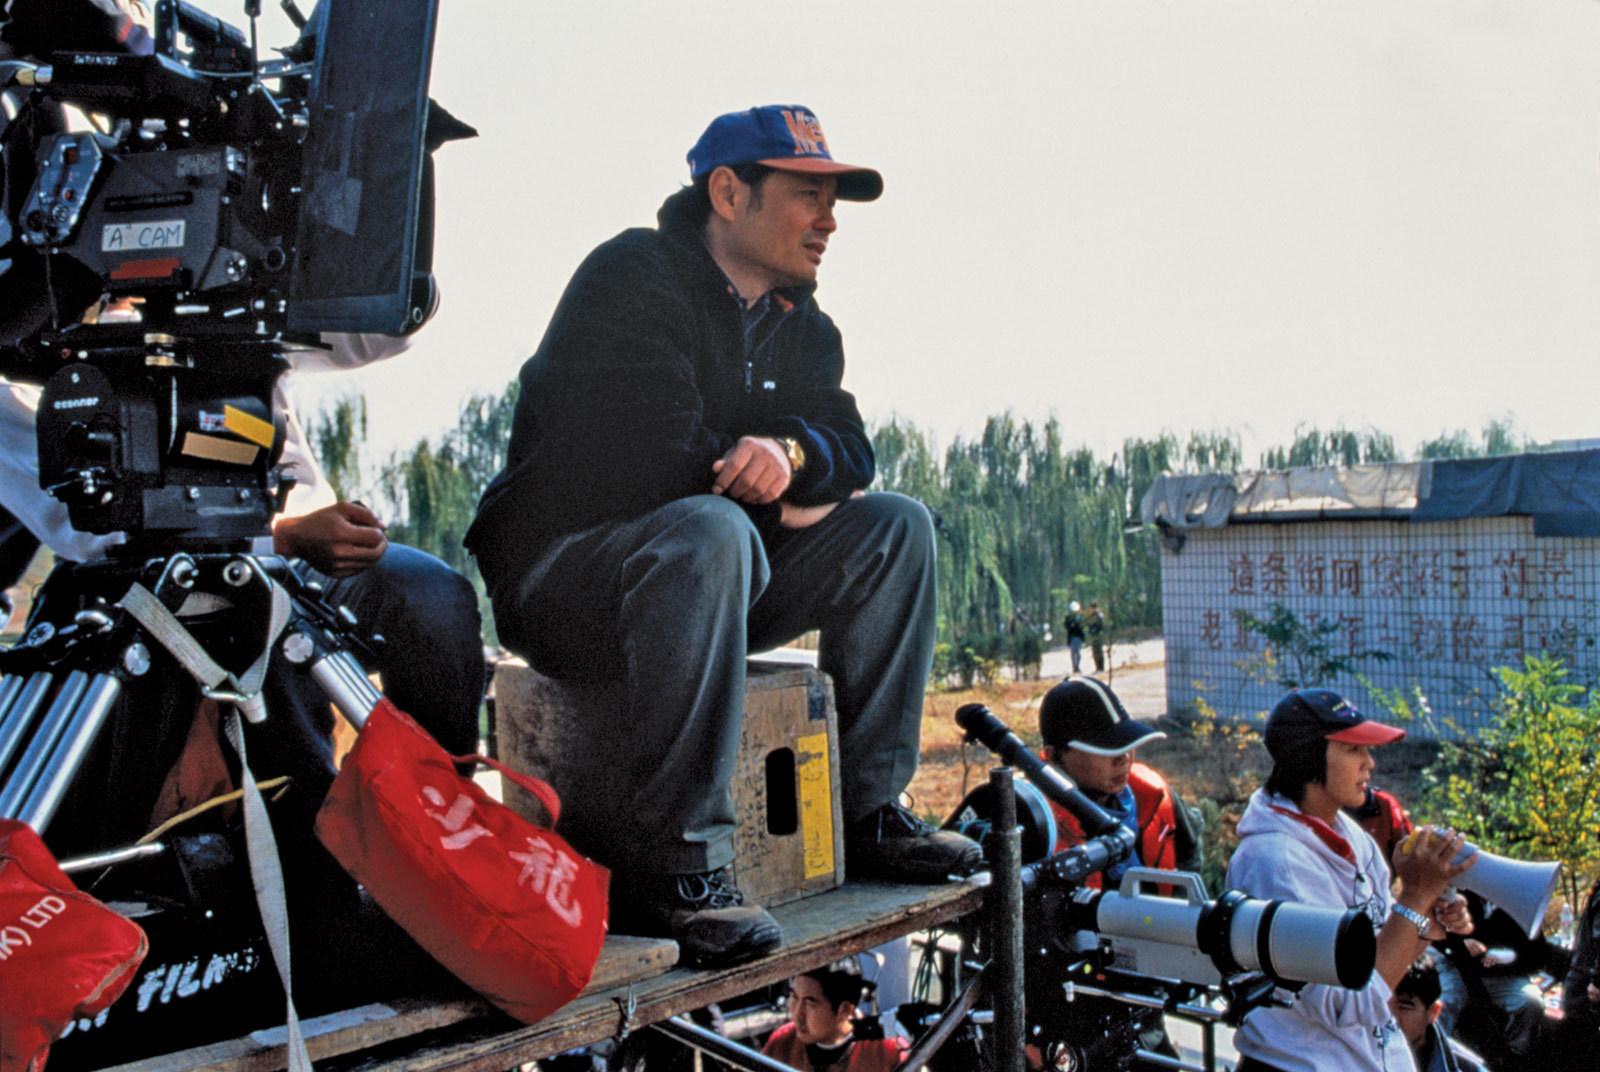 Ang Lee on set. Image via ShotOnWhat?